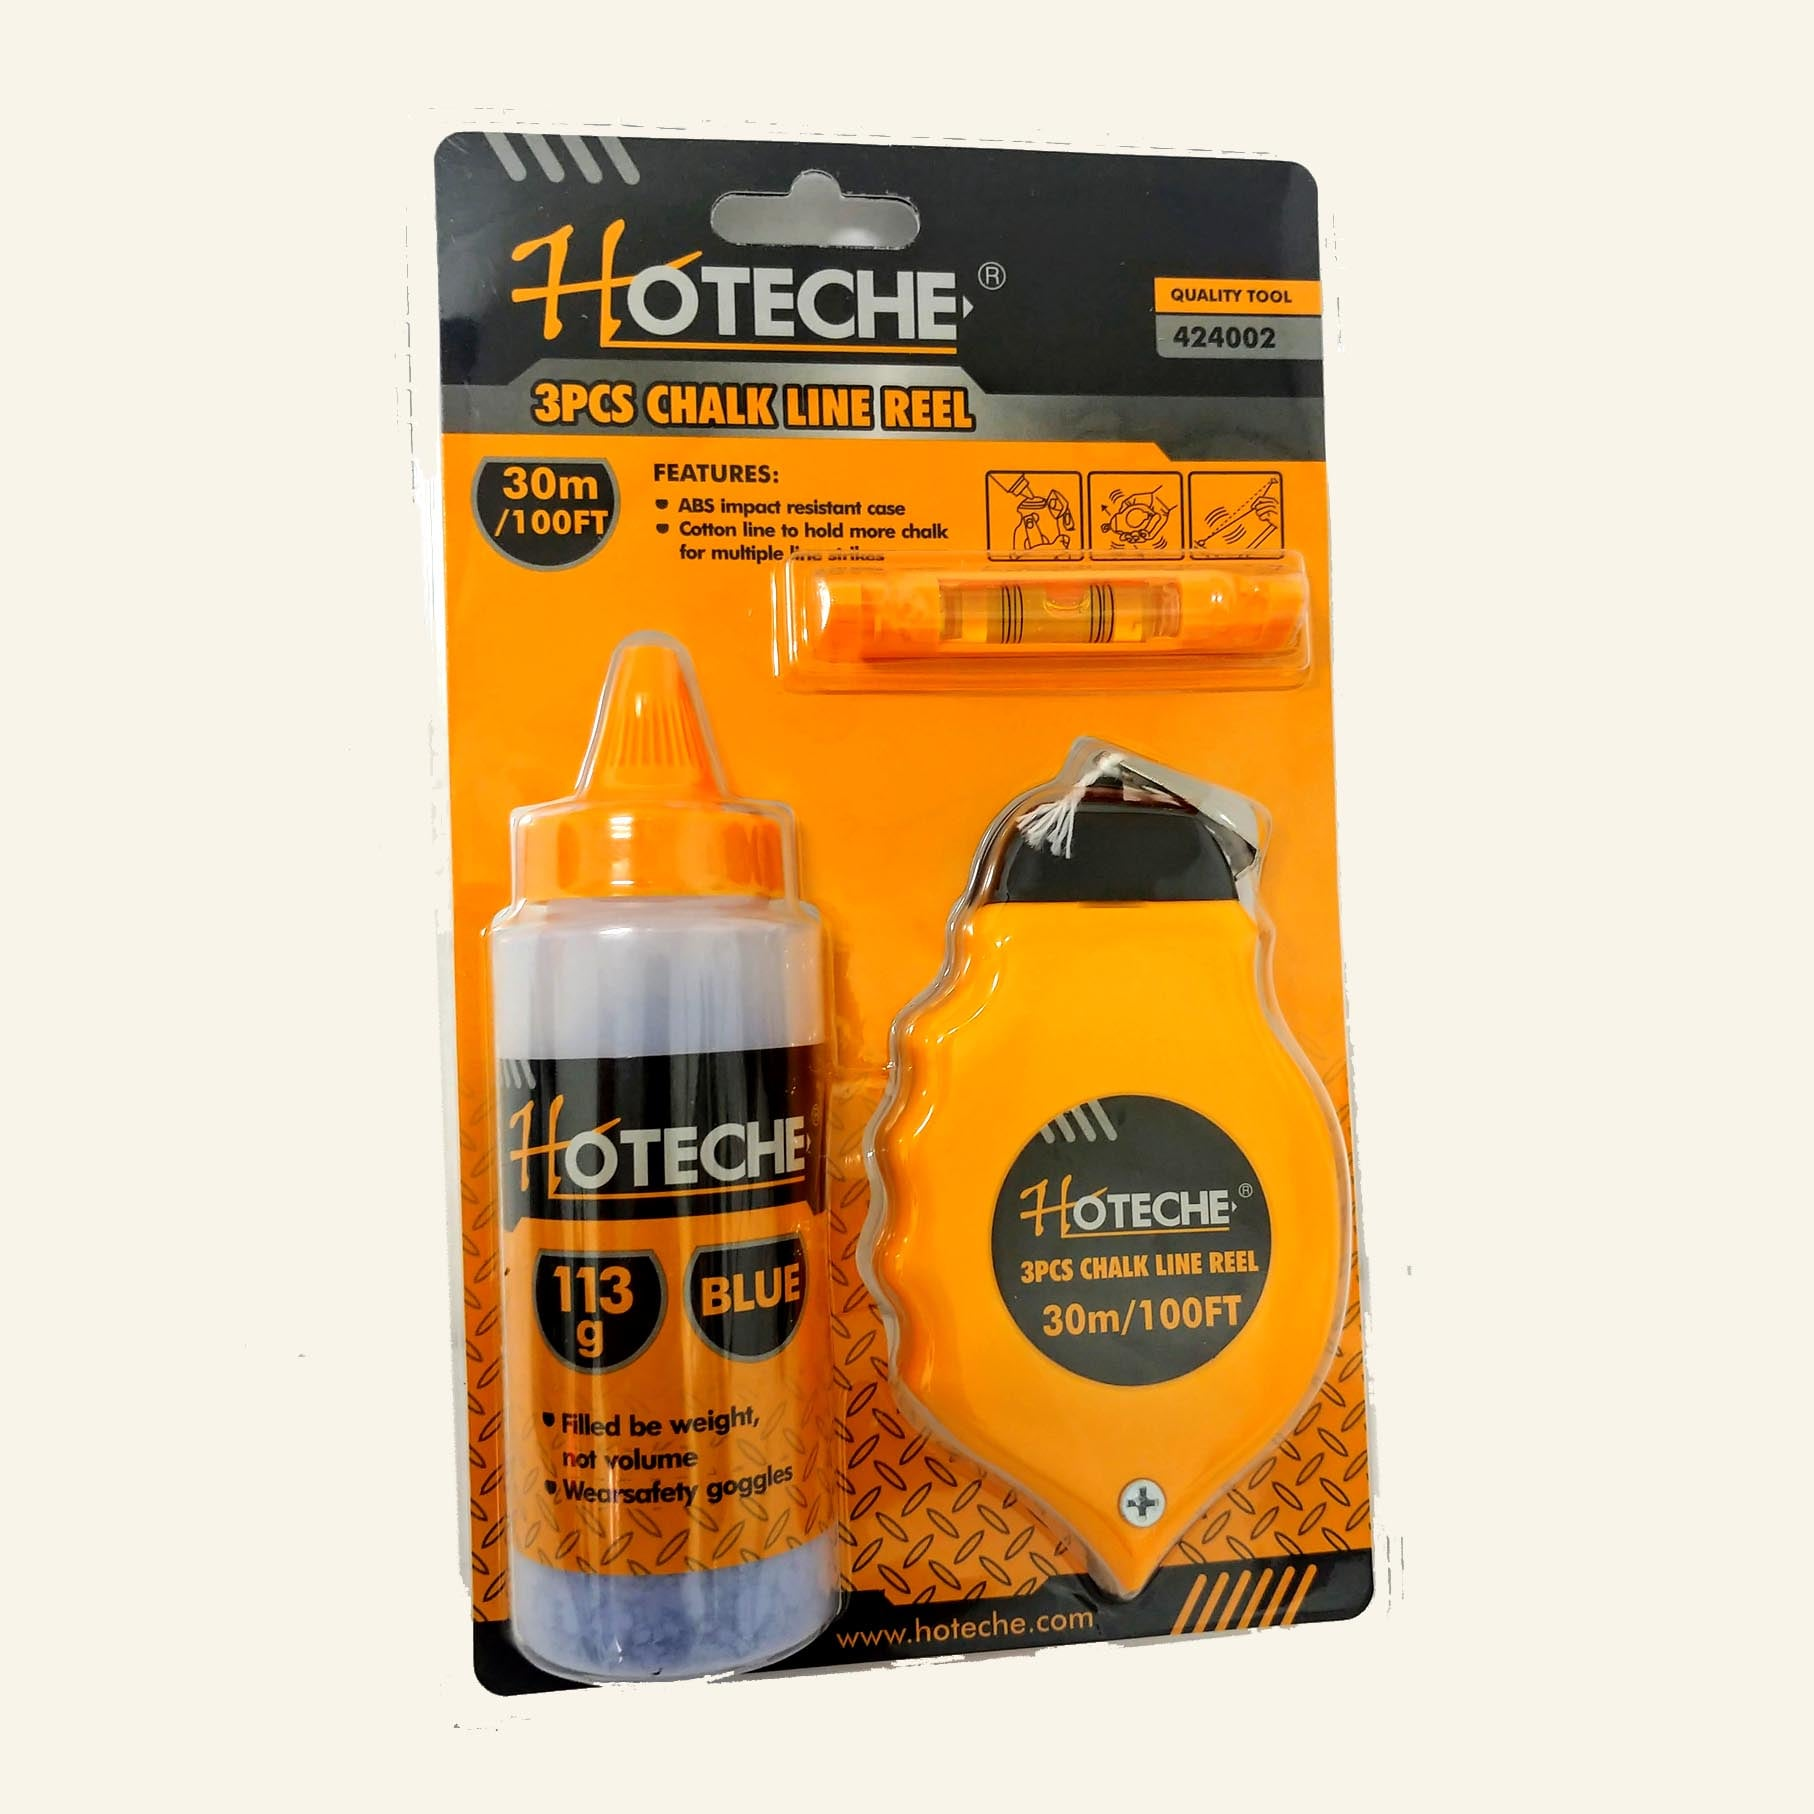 צ'וקליין - פיון עם חוט + פלס + אבקה מבית חברת HOTECHE